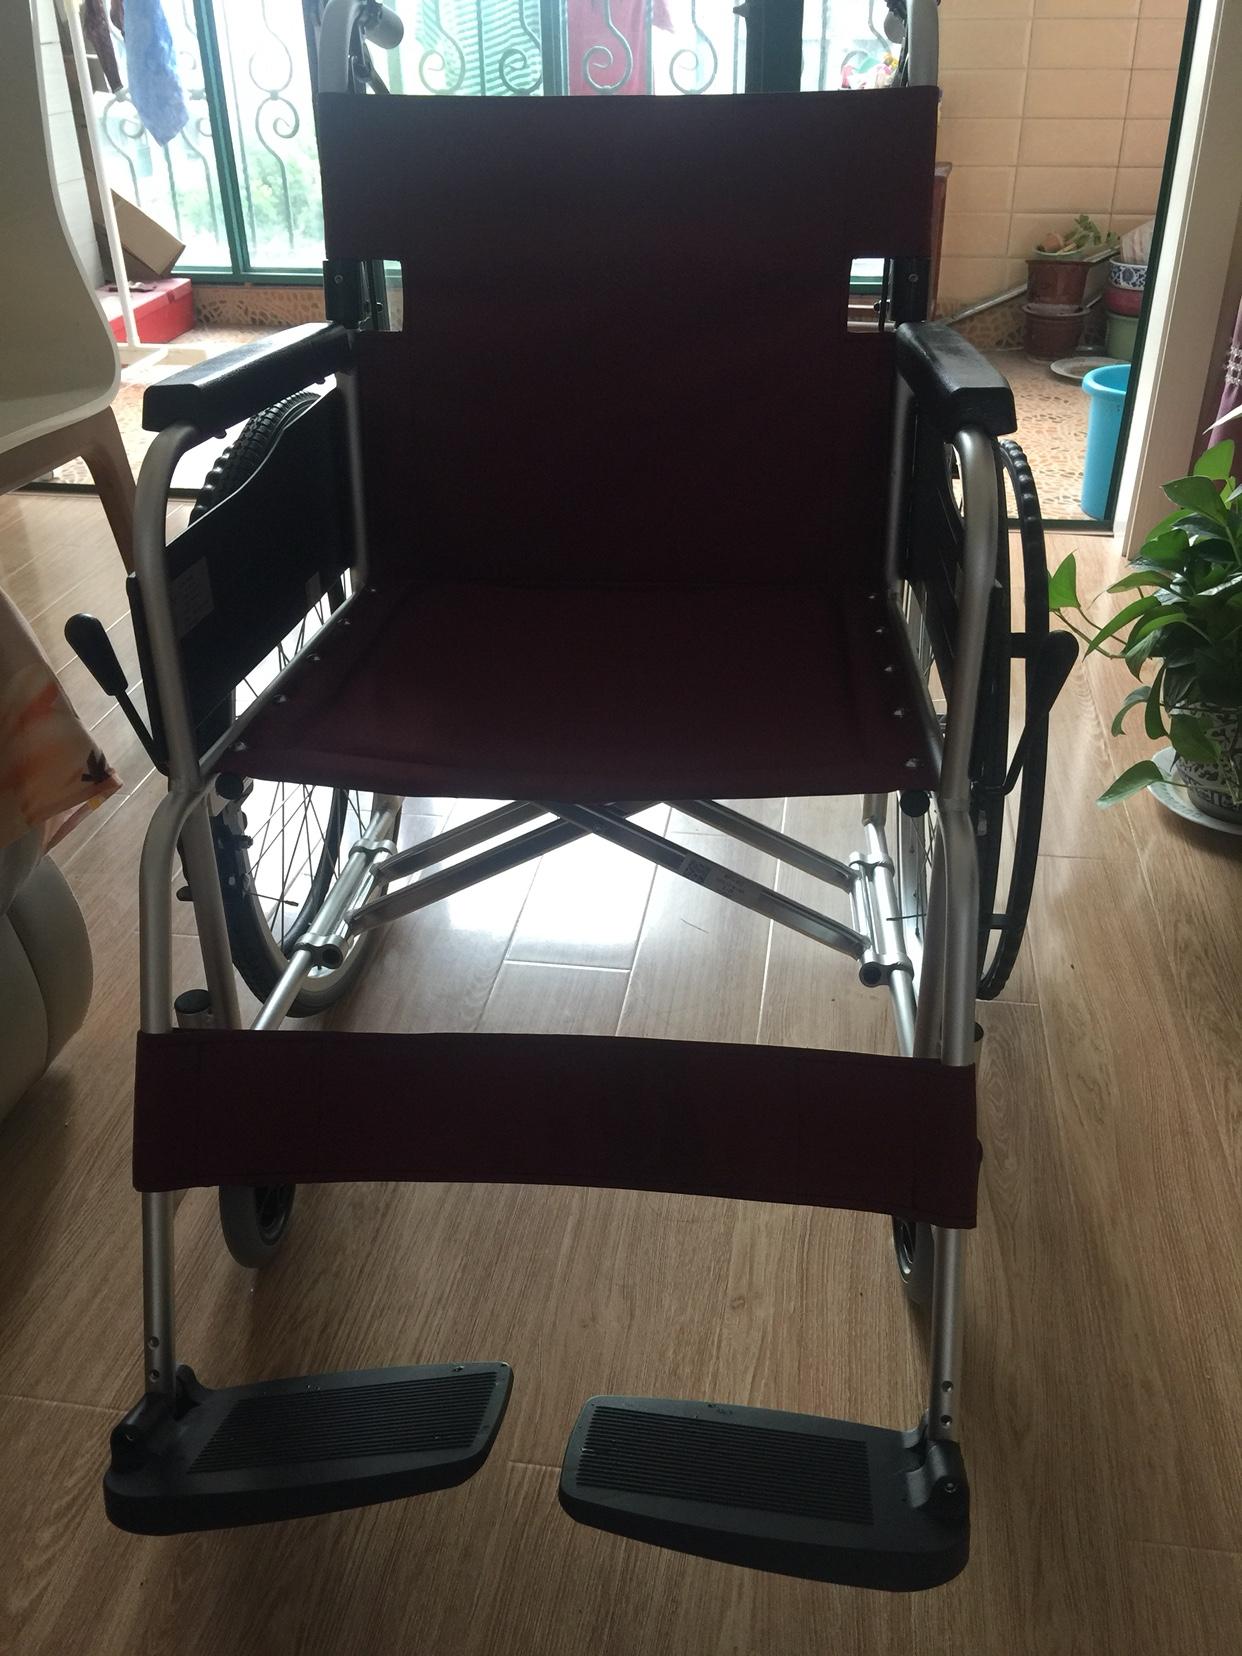 请问评测一下MIKIMPT-43JL轮椅反馈如何,想入手的朋友一定看看!